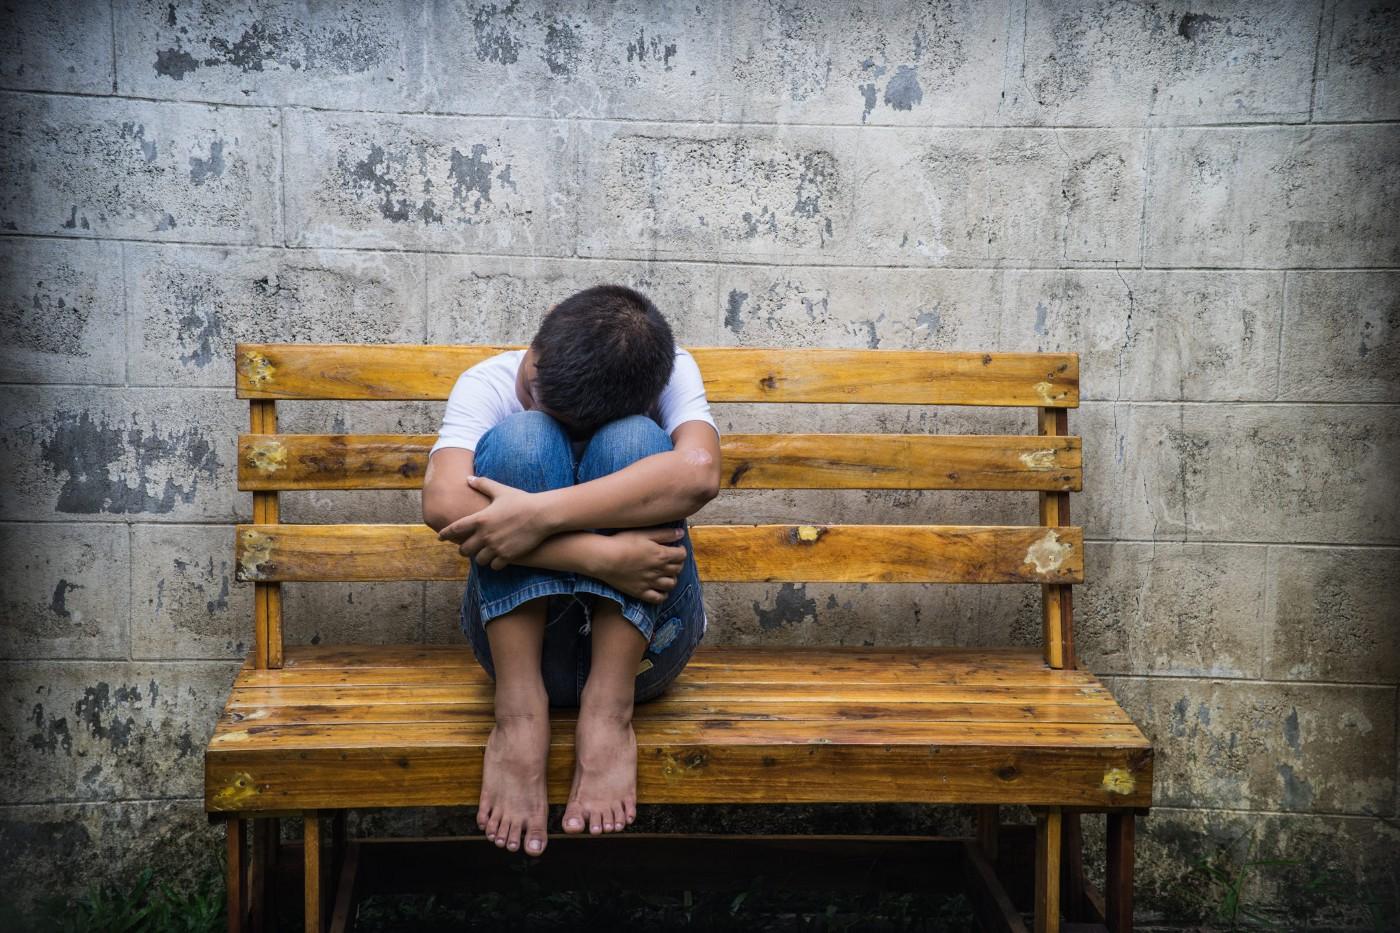 Ogni 48 ore in Italia svanisce un minore